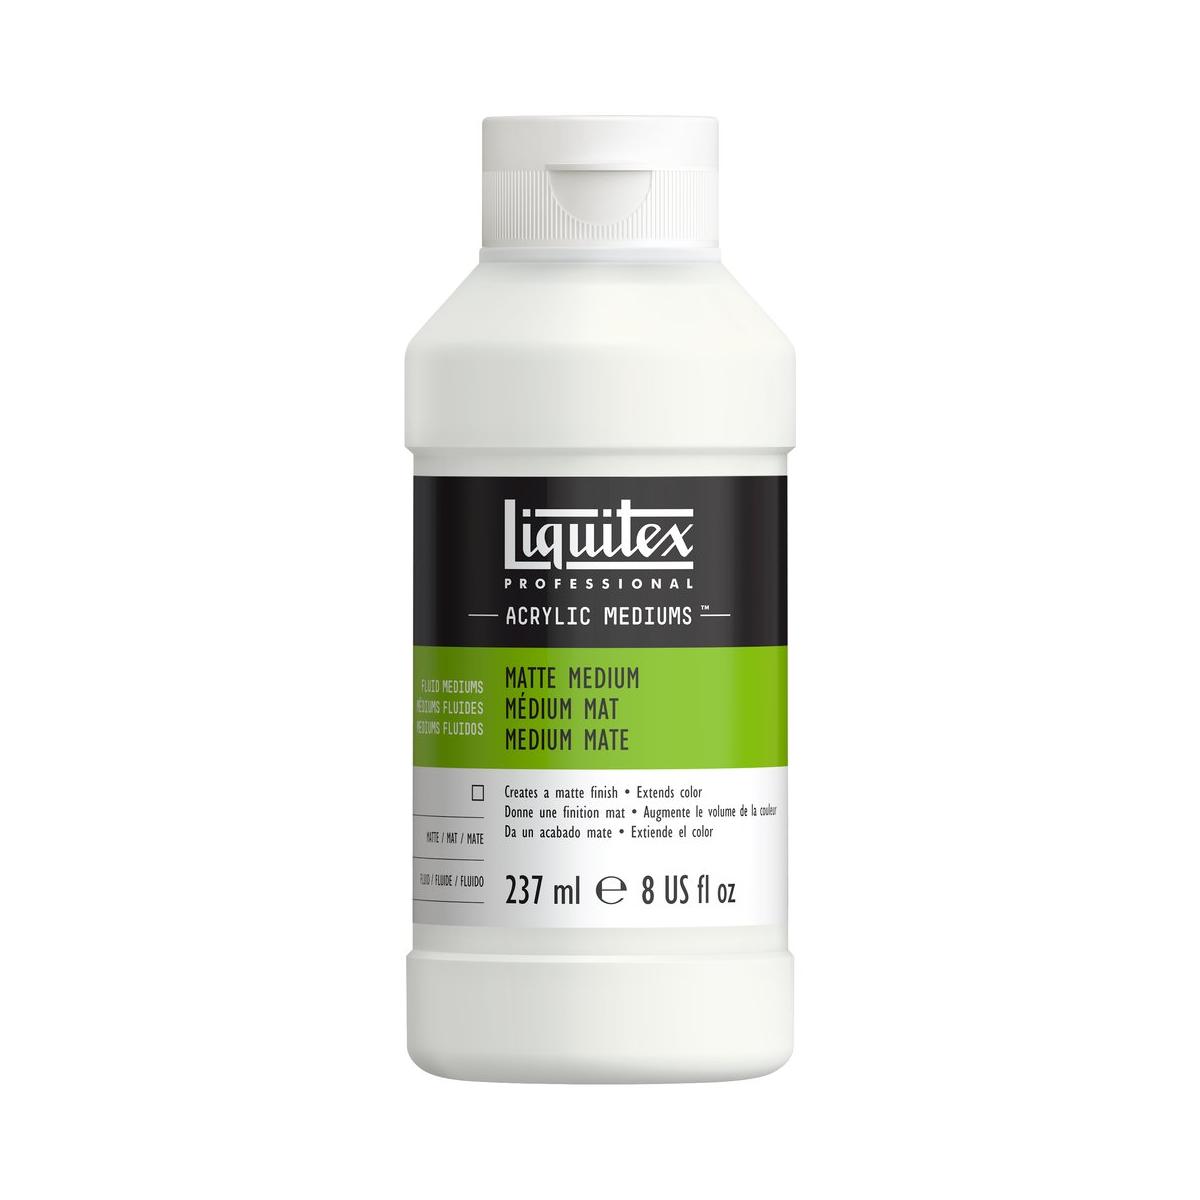 LIQUITEX MEDIUM MATE 237 ML